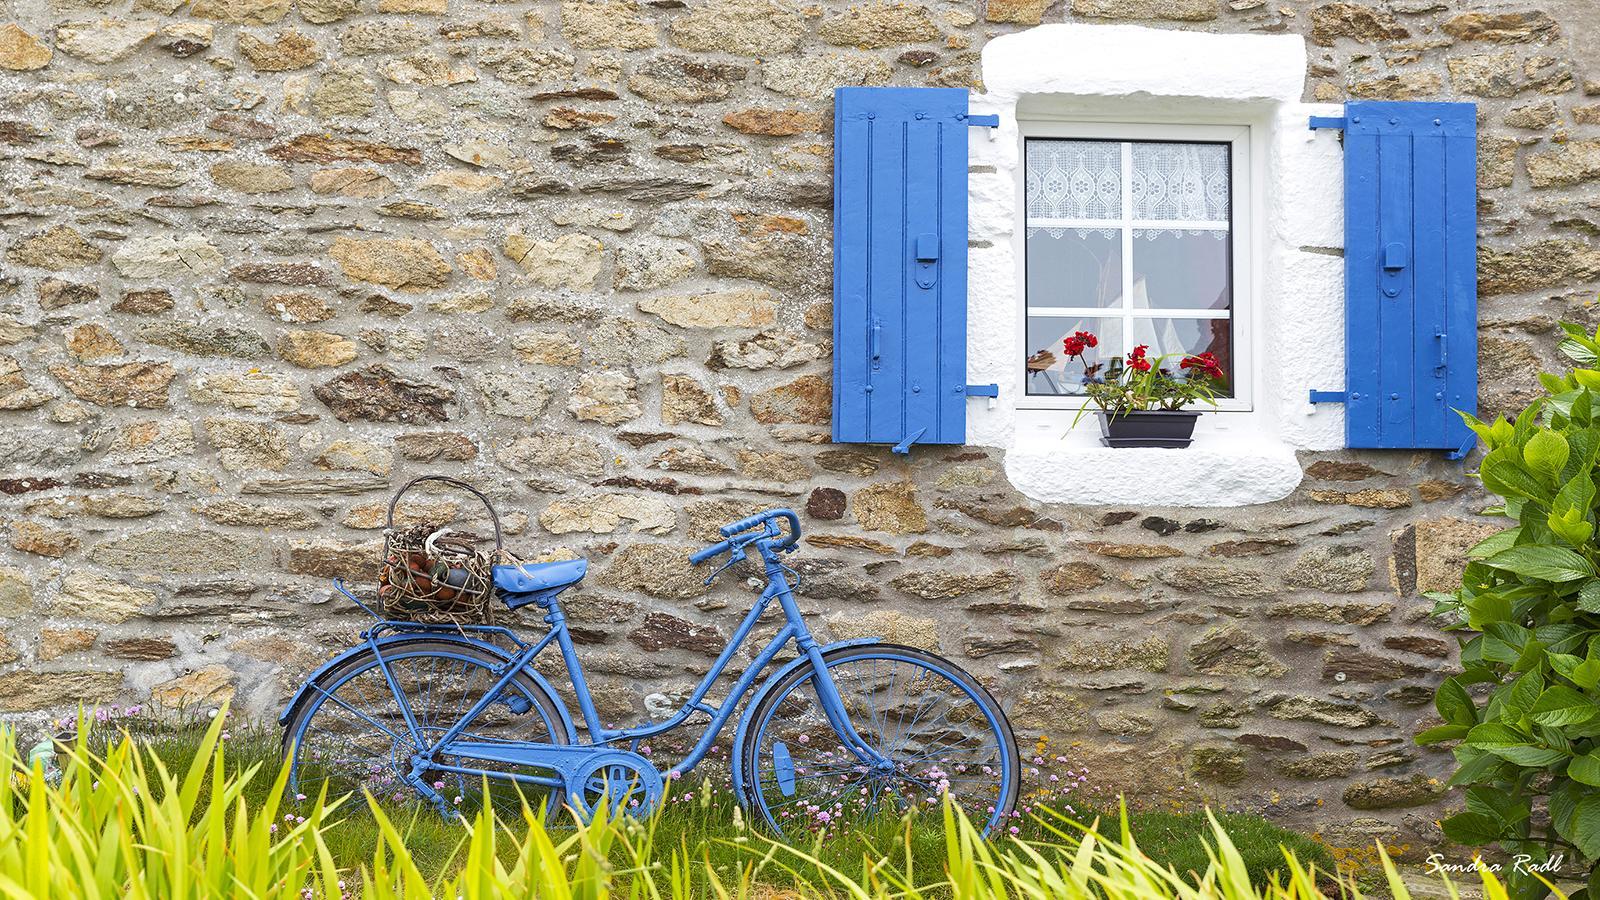 Ouessant-Farben: blau und weiß. Foto: Sandra Radl